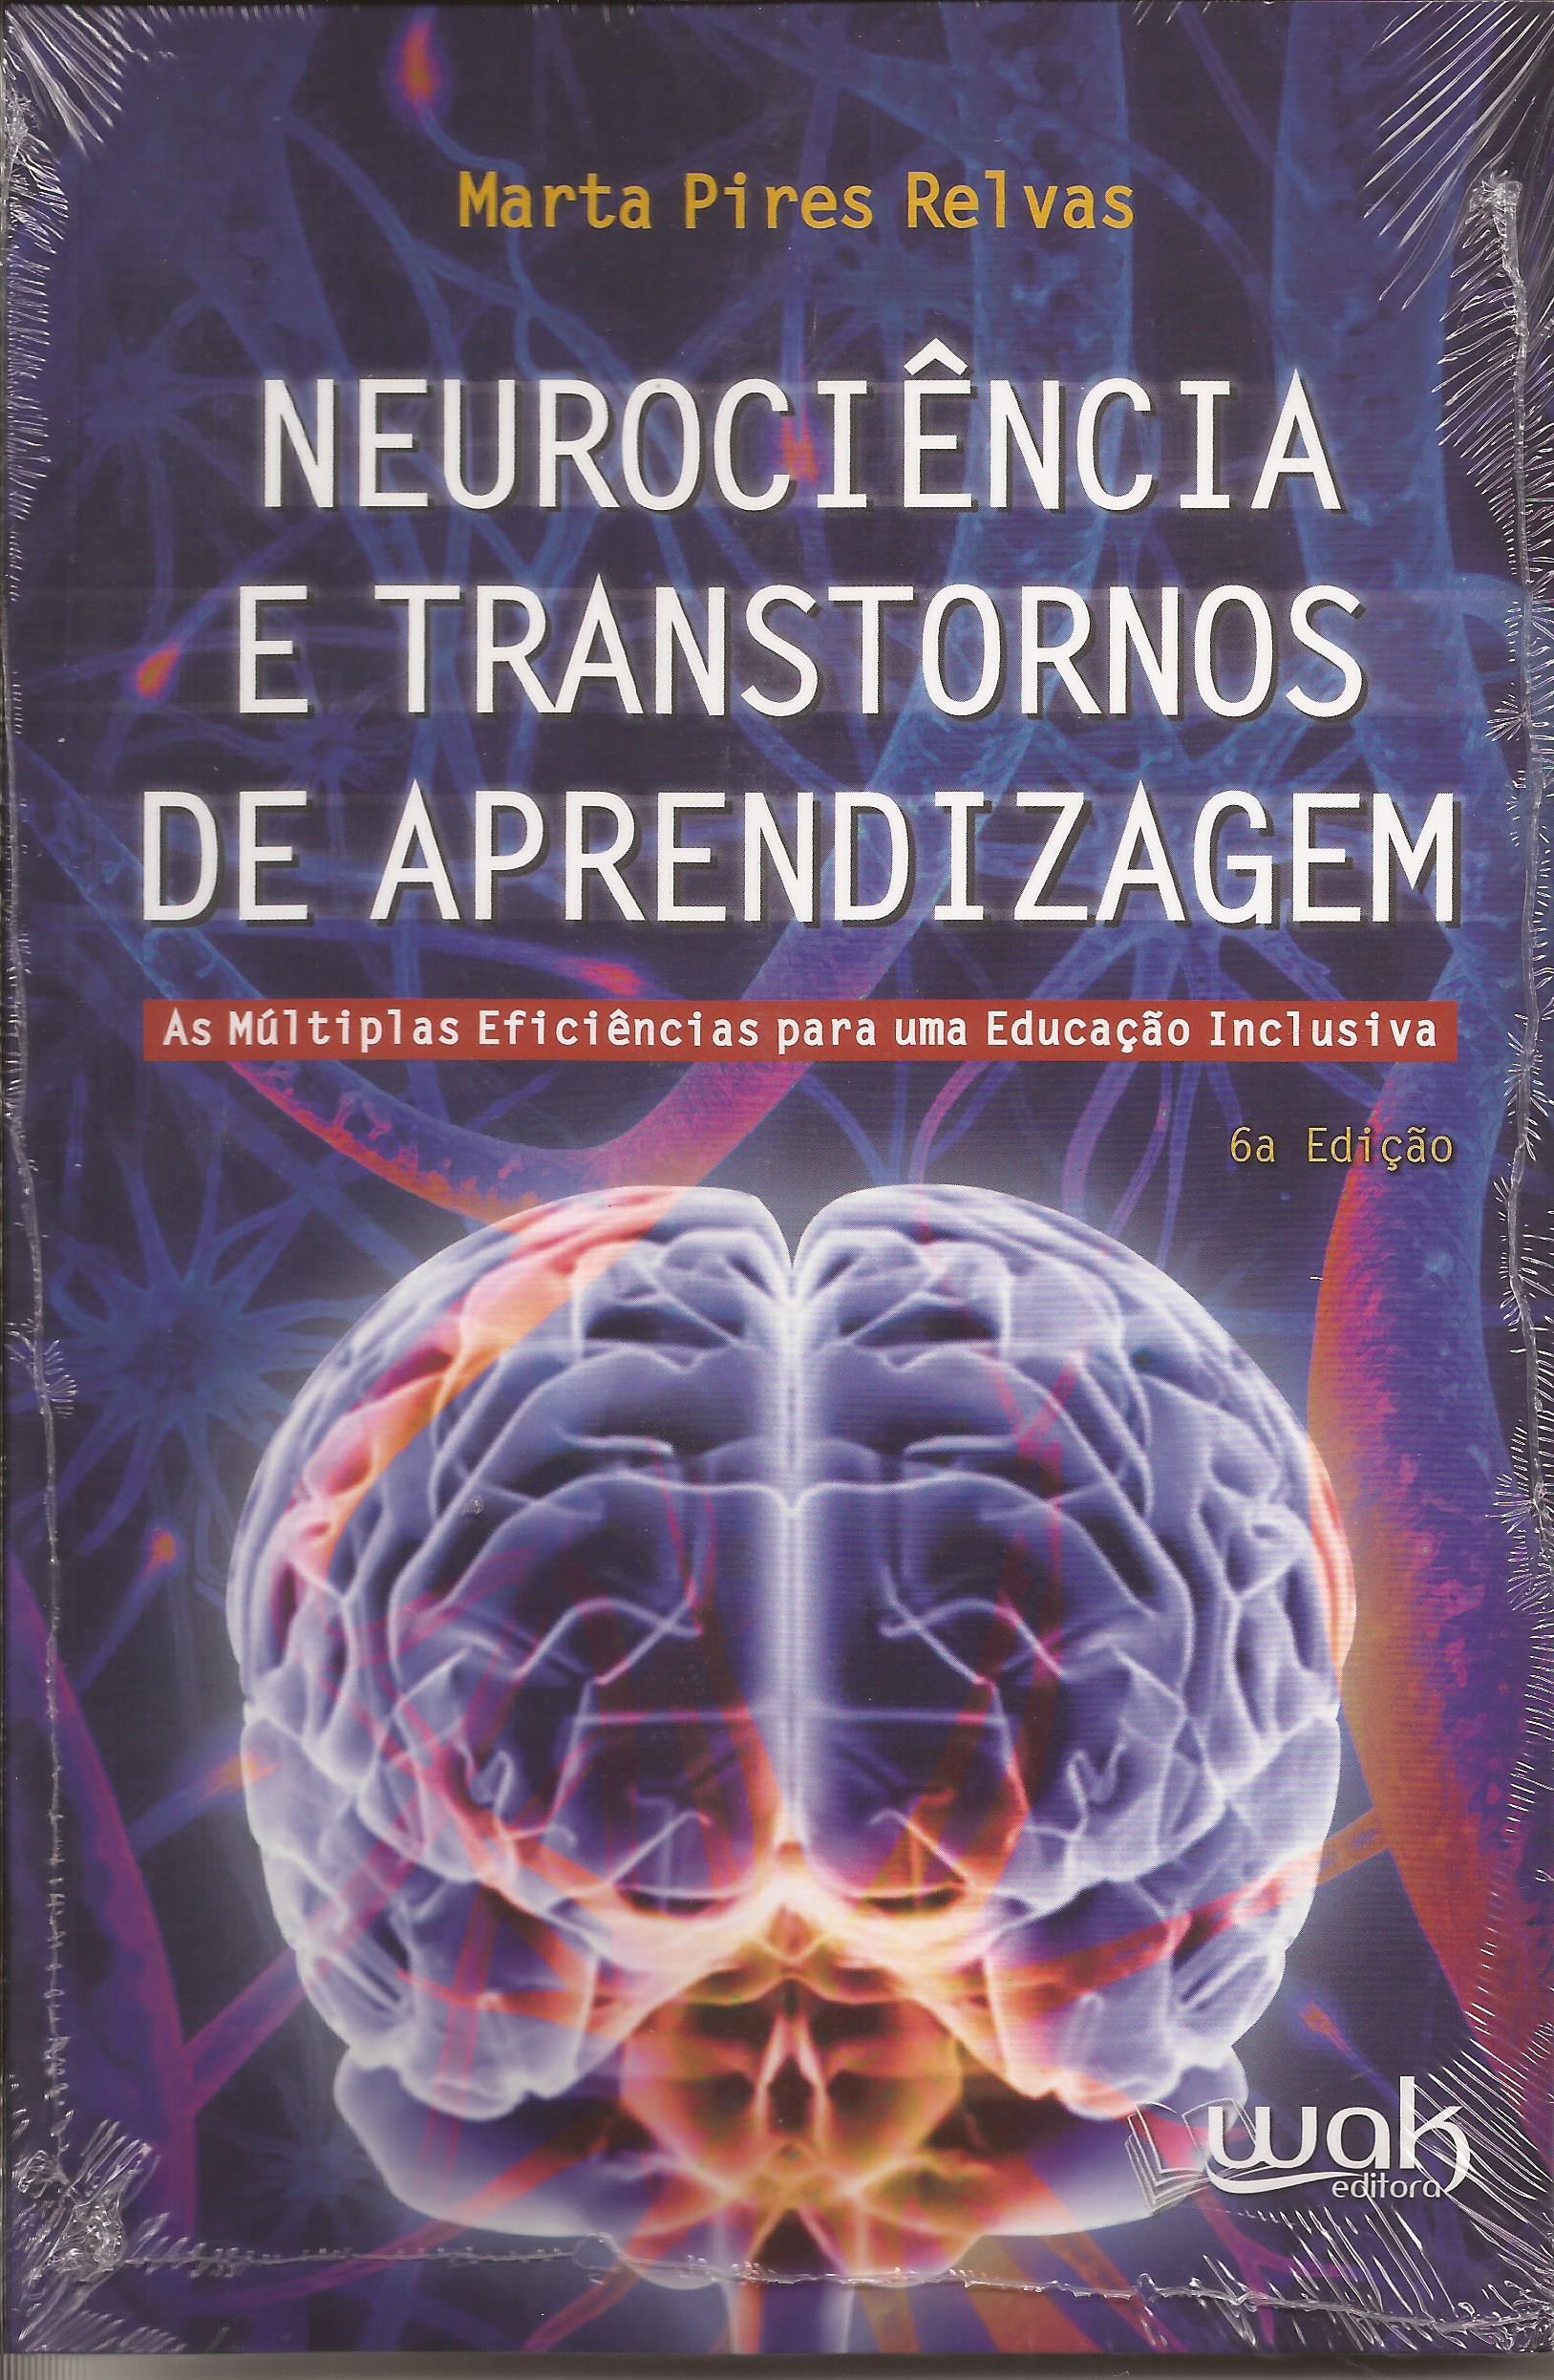 Neurociência e transtornos de aprendizagem – As múltiplas eficiências para uma educação inclusiva